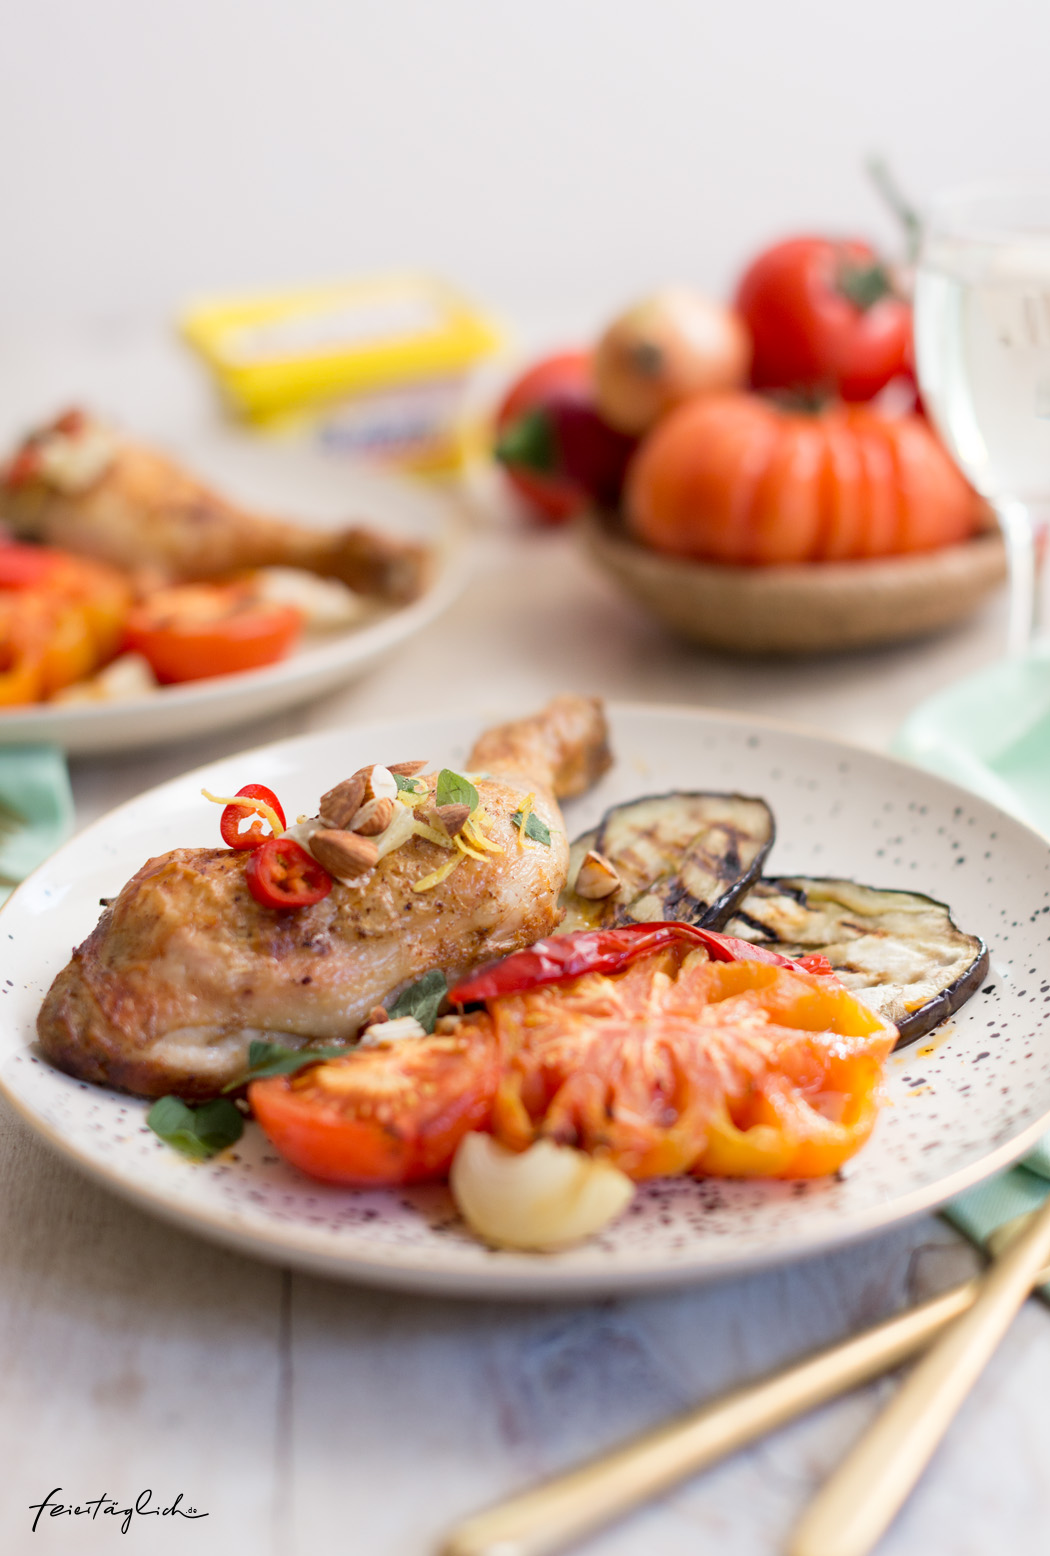 Smoked Paprika-Hähnchenkeulen aus dem Ofen mit Escalivada (spanischem Grillgemüse) inspiriert von Gary Loen (The Taste Gewinner 2018) und Butaris Küchenparty, Rezept